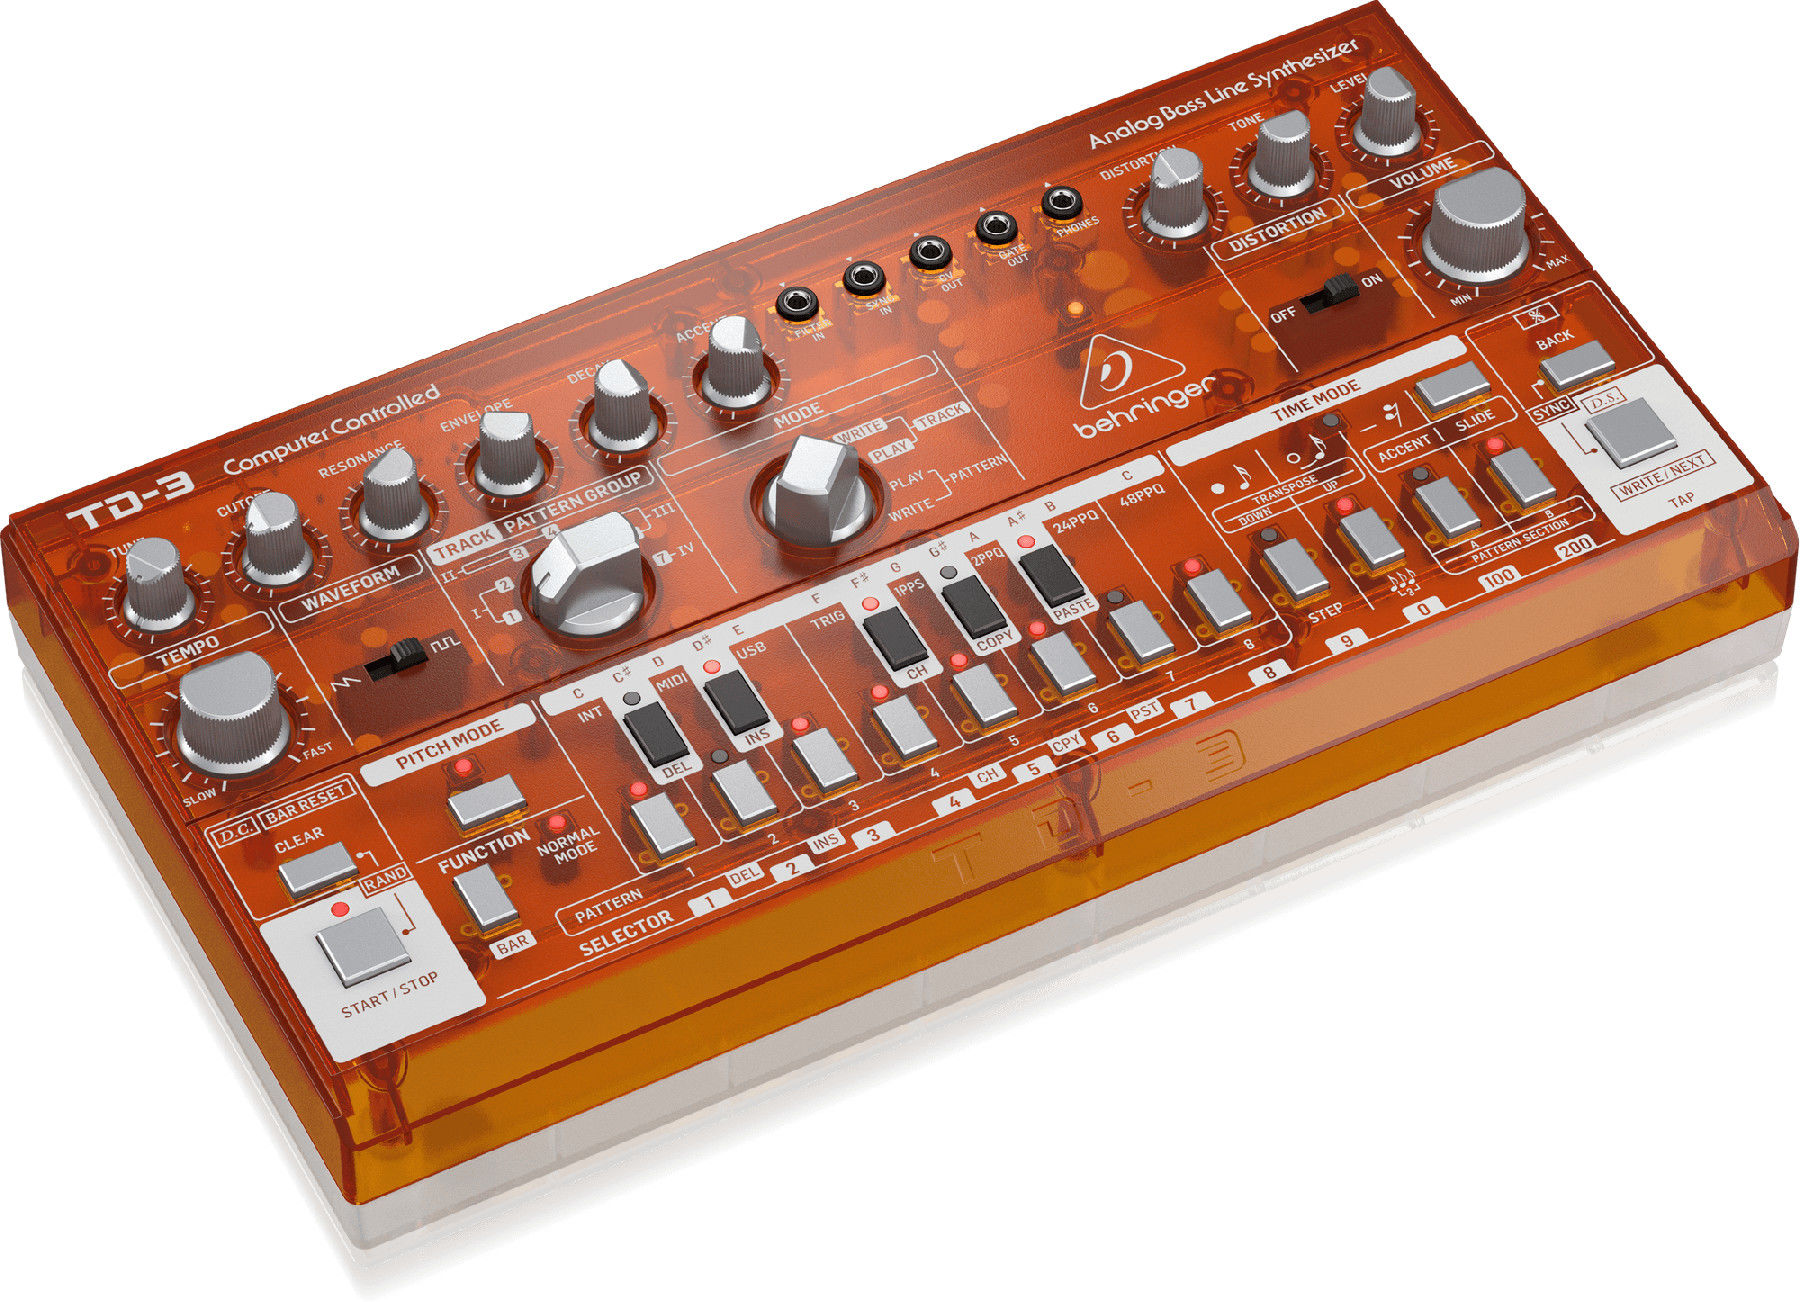 Behringer TD-3-TG - analogowy syntezator linii basowych, POMARAŃCZOWY